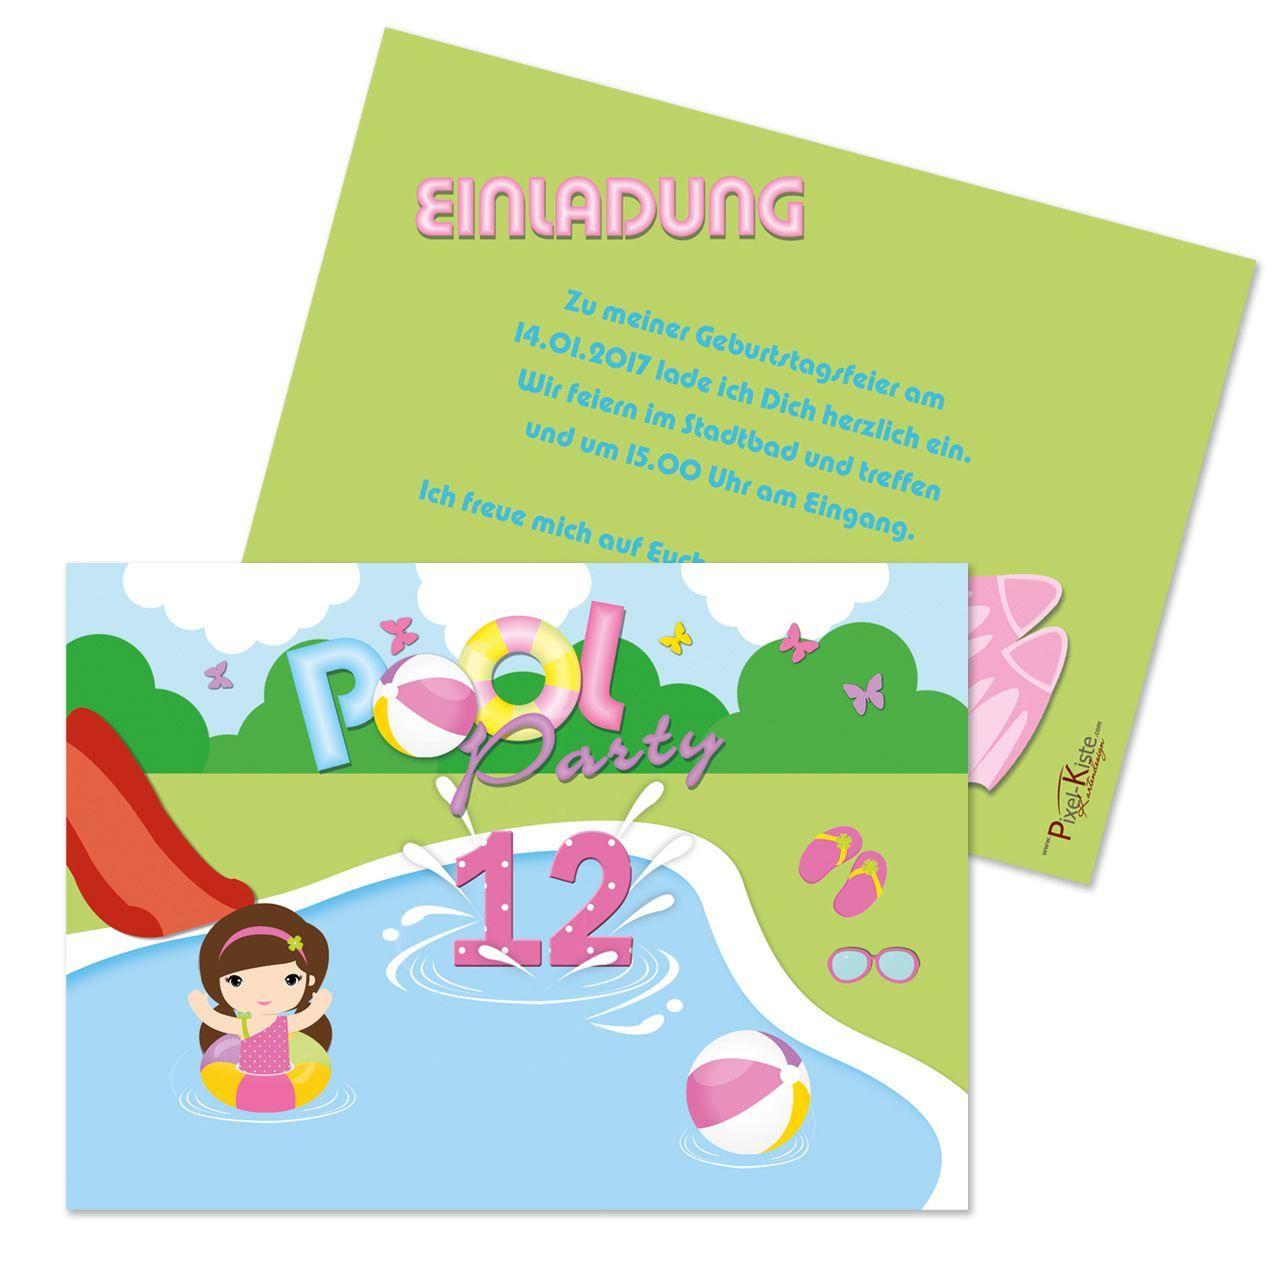 einladungskarten gestalten : einladungskarten gestalten